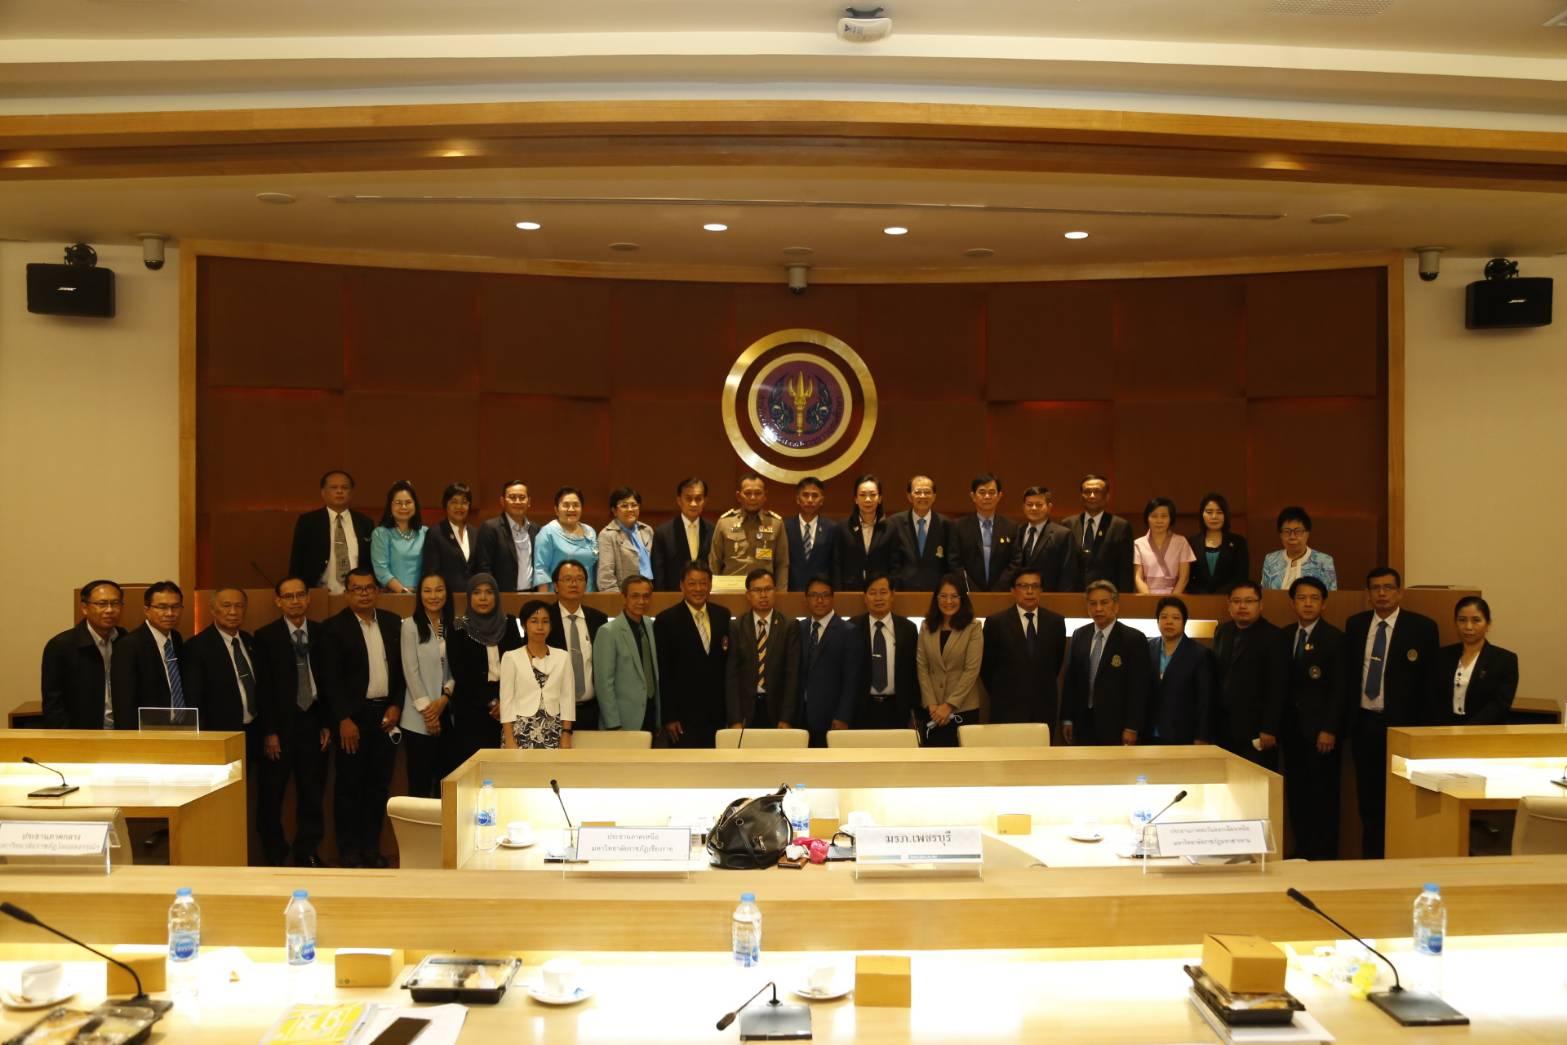 ประชุมอธิการบดีมหาวิทยาลัยราชภัฏ วาระพิเศษ